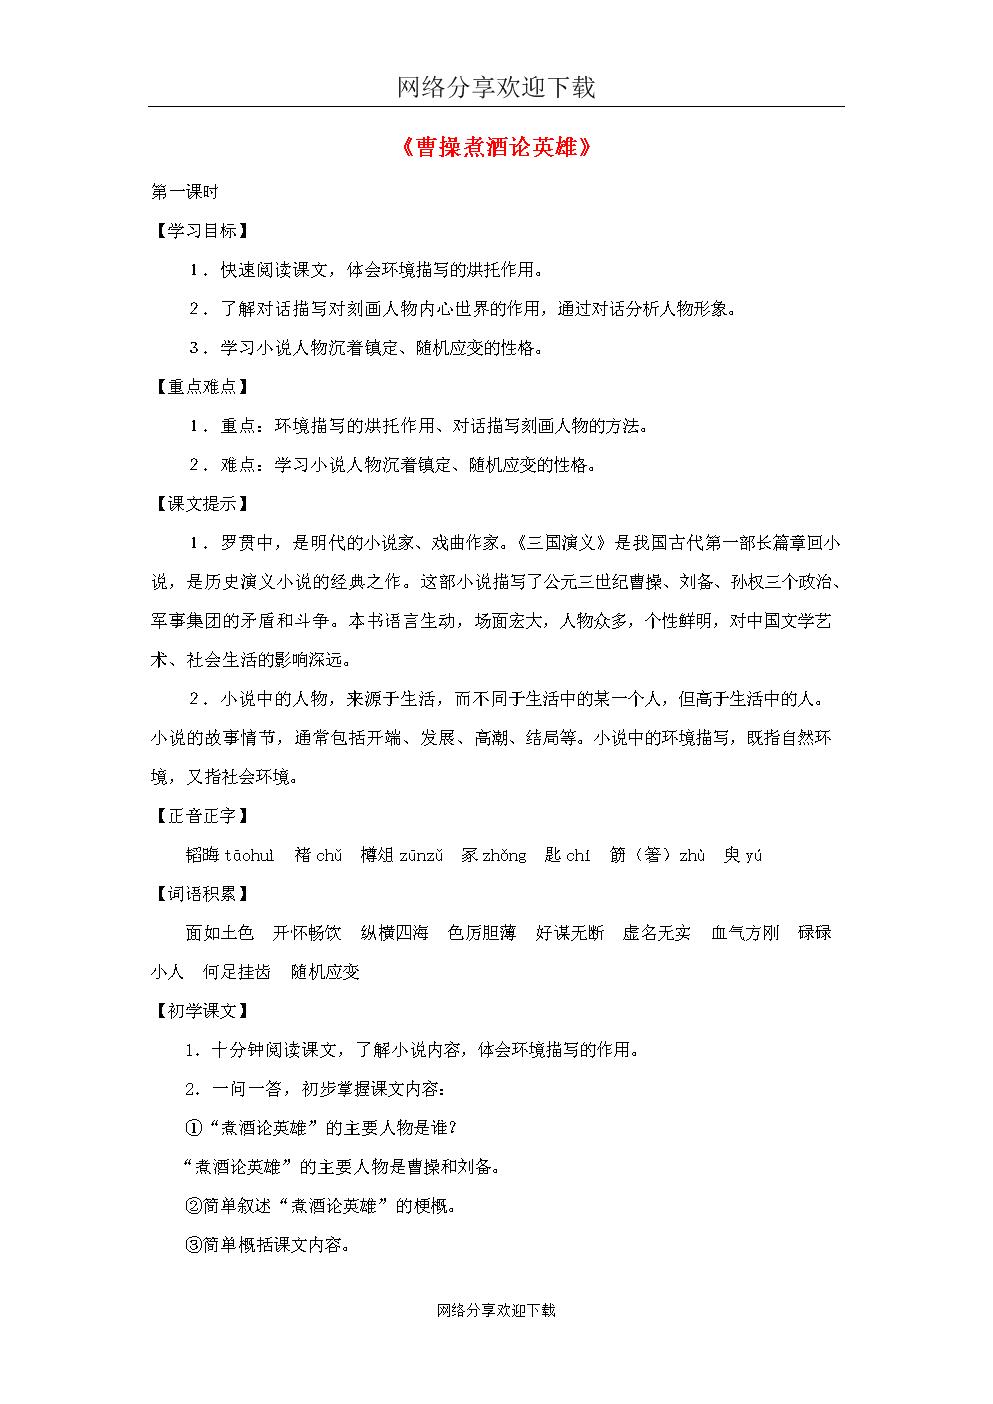 上海五四制语文九年级上册《29煮酒论英雄》教案.doc